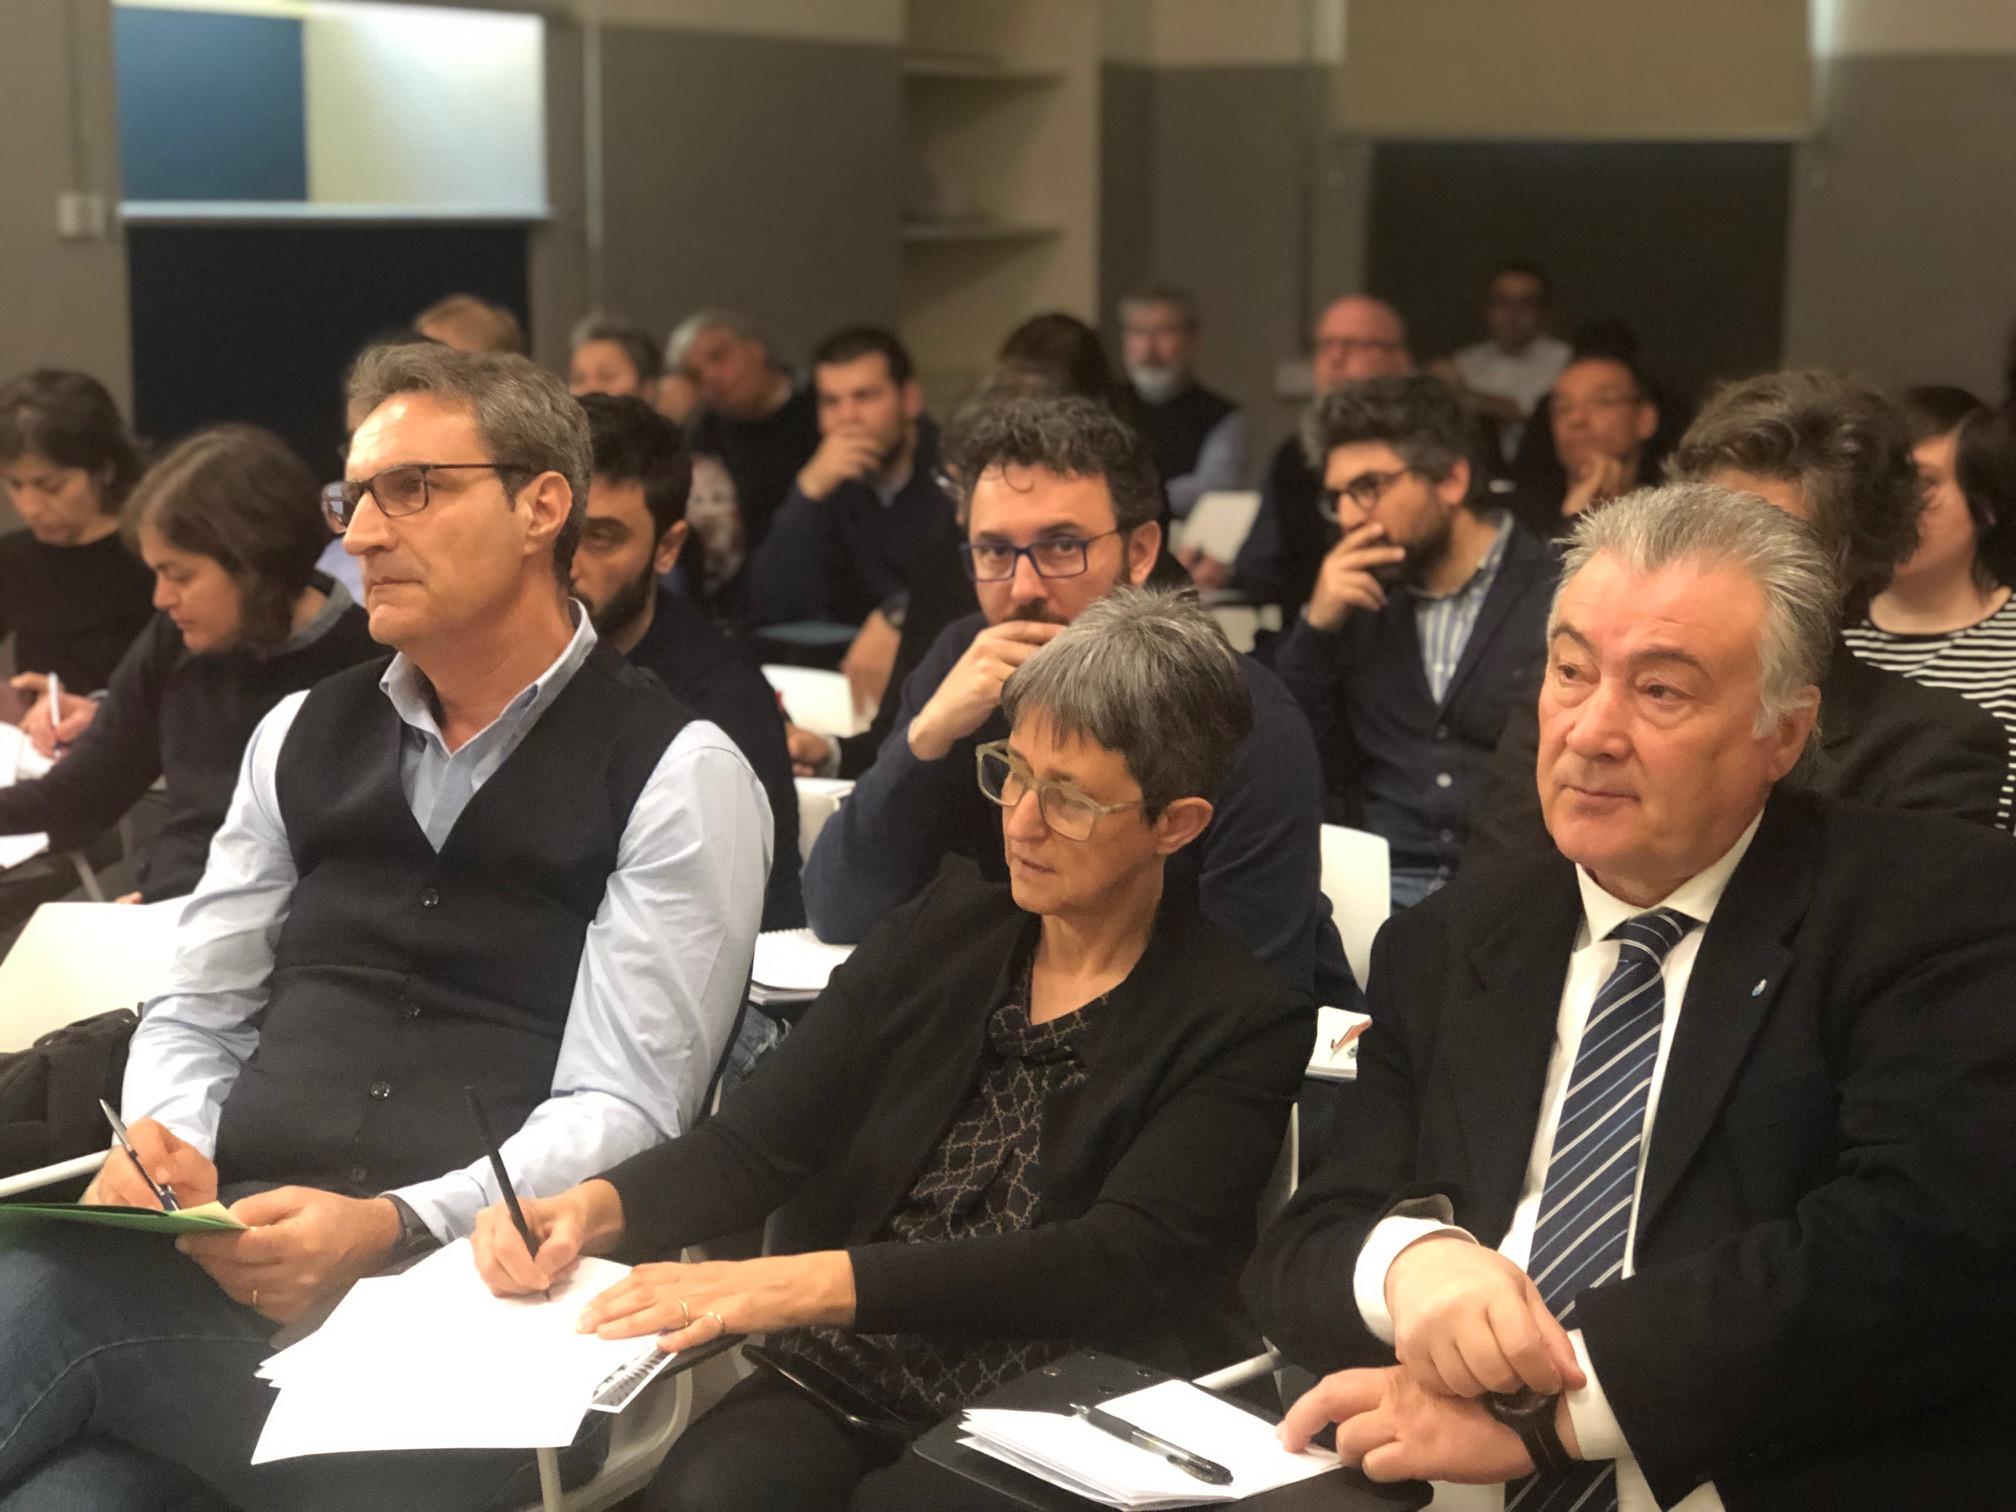 Innovazione al corso per dirigenti con Lo Bianco Valfrè Cortese